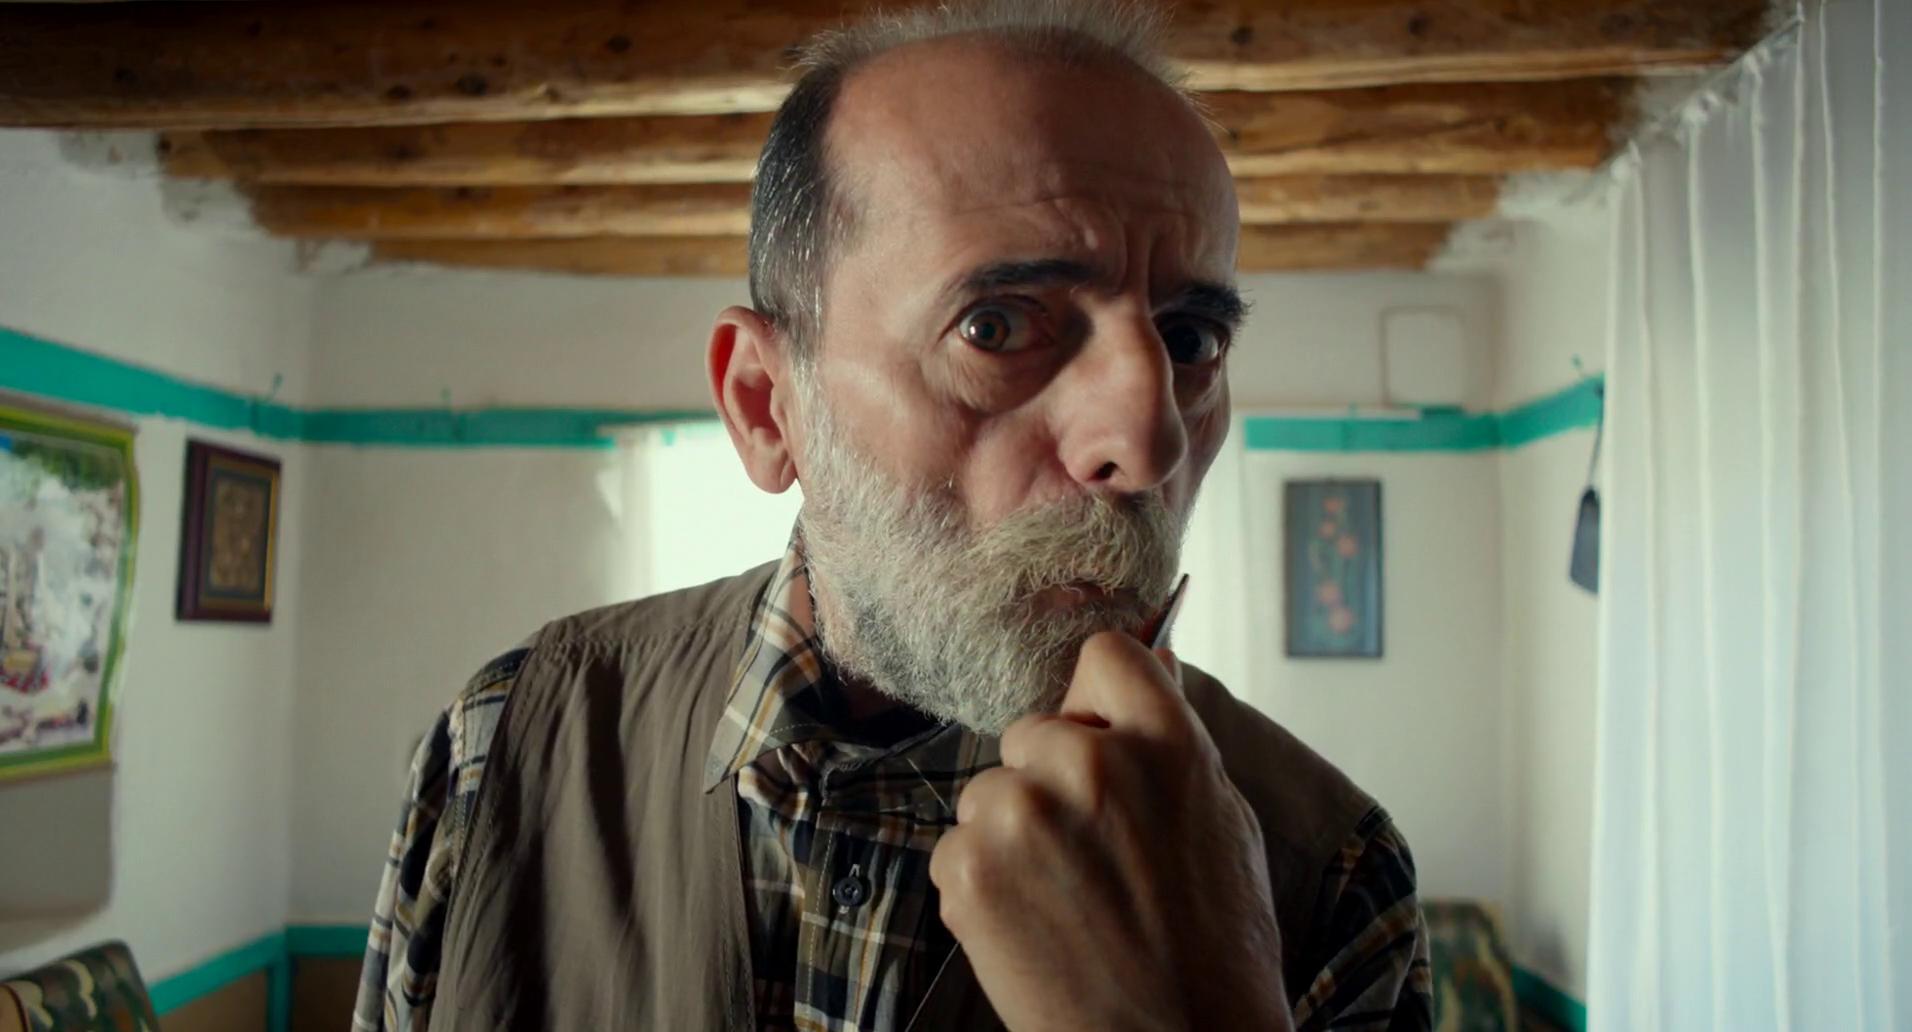 Ve Panayır Köyden Gider 2016 ( HDRip XViD ) SANSÜRSÜZ Yerli Film - indir